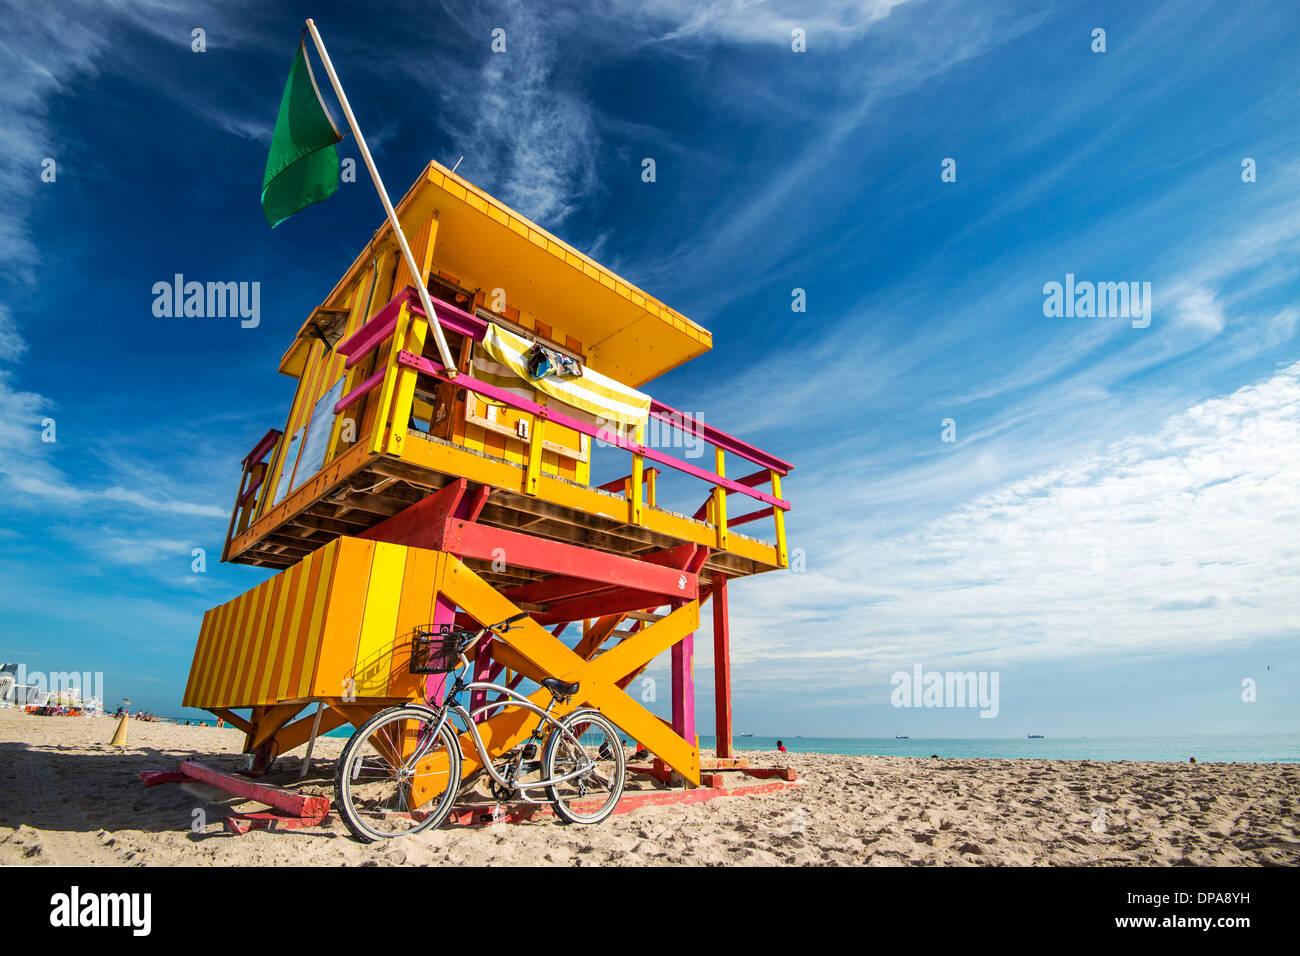 South Beach, Miami, Florida, EE.UU salvavidas puesto. Imagen De Stock